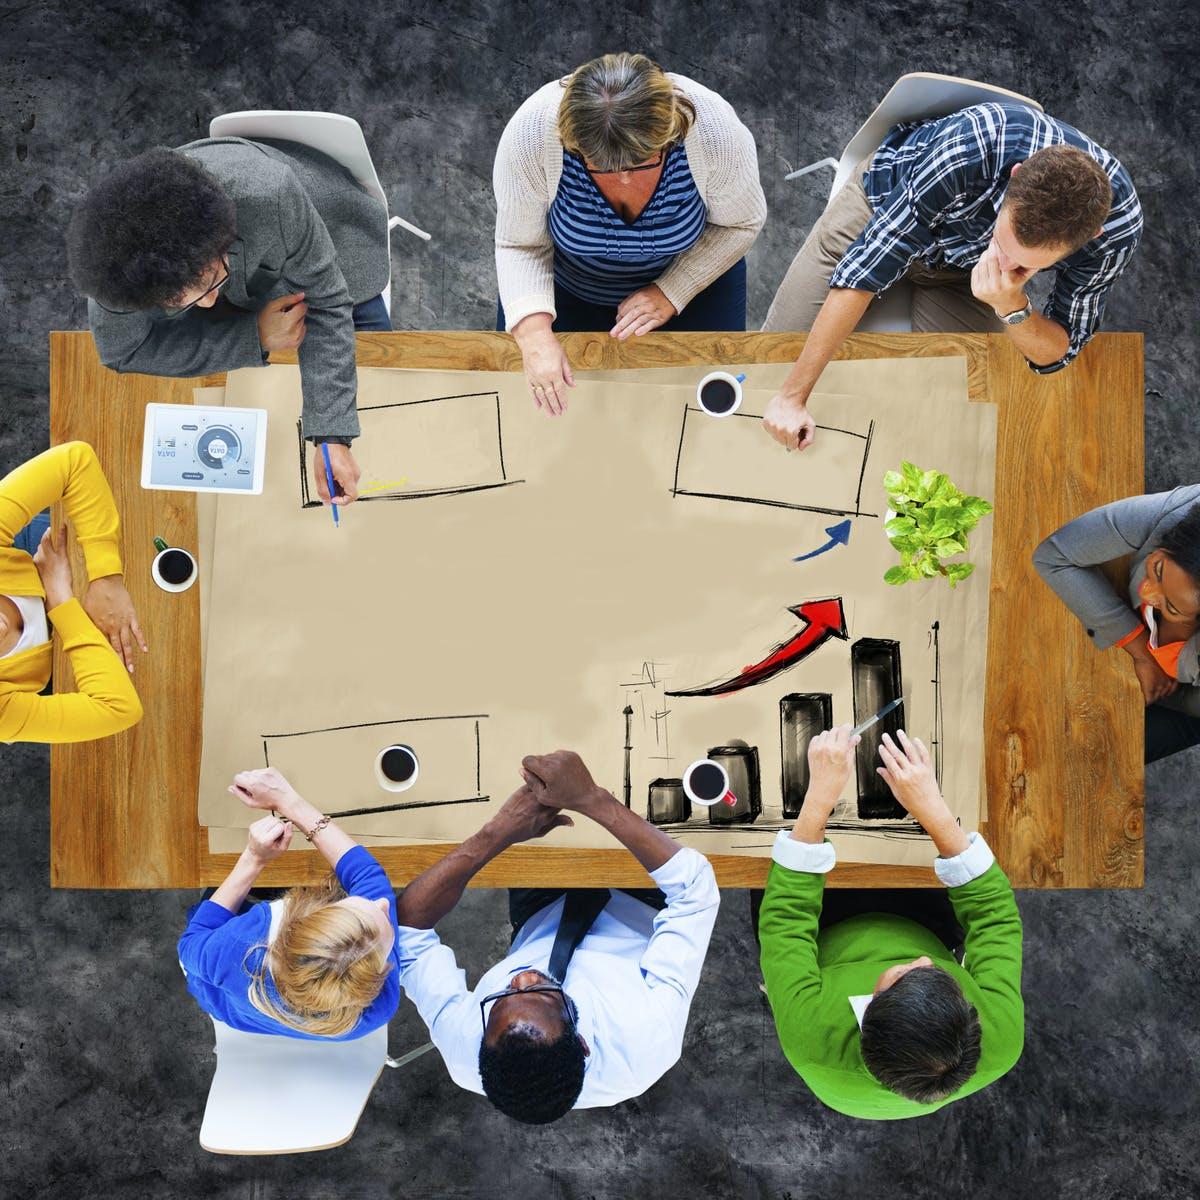 Os fatores que influenciam a eficácia dos conselhos e o processo de governança